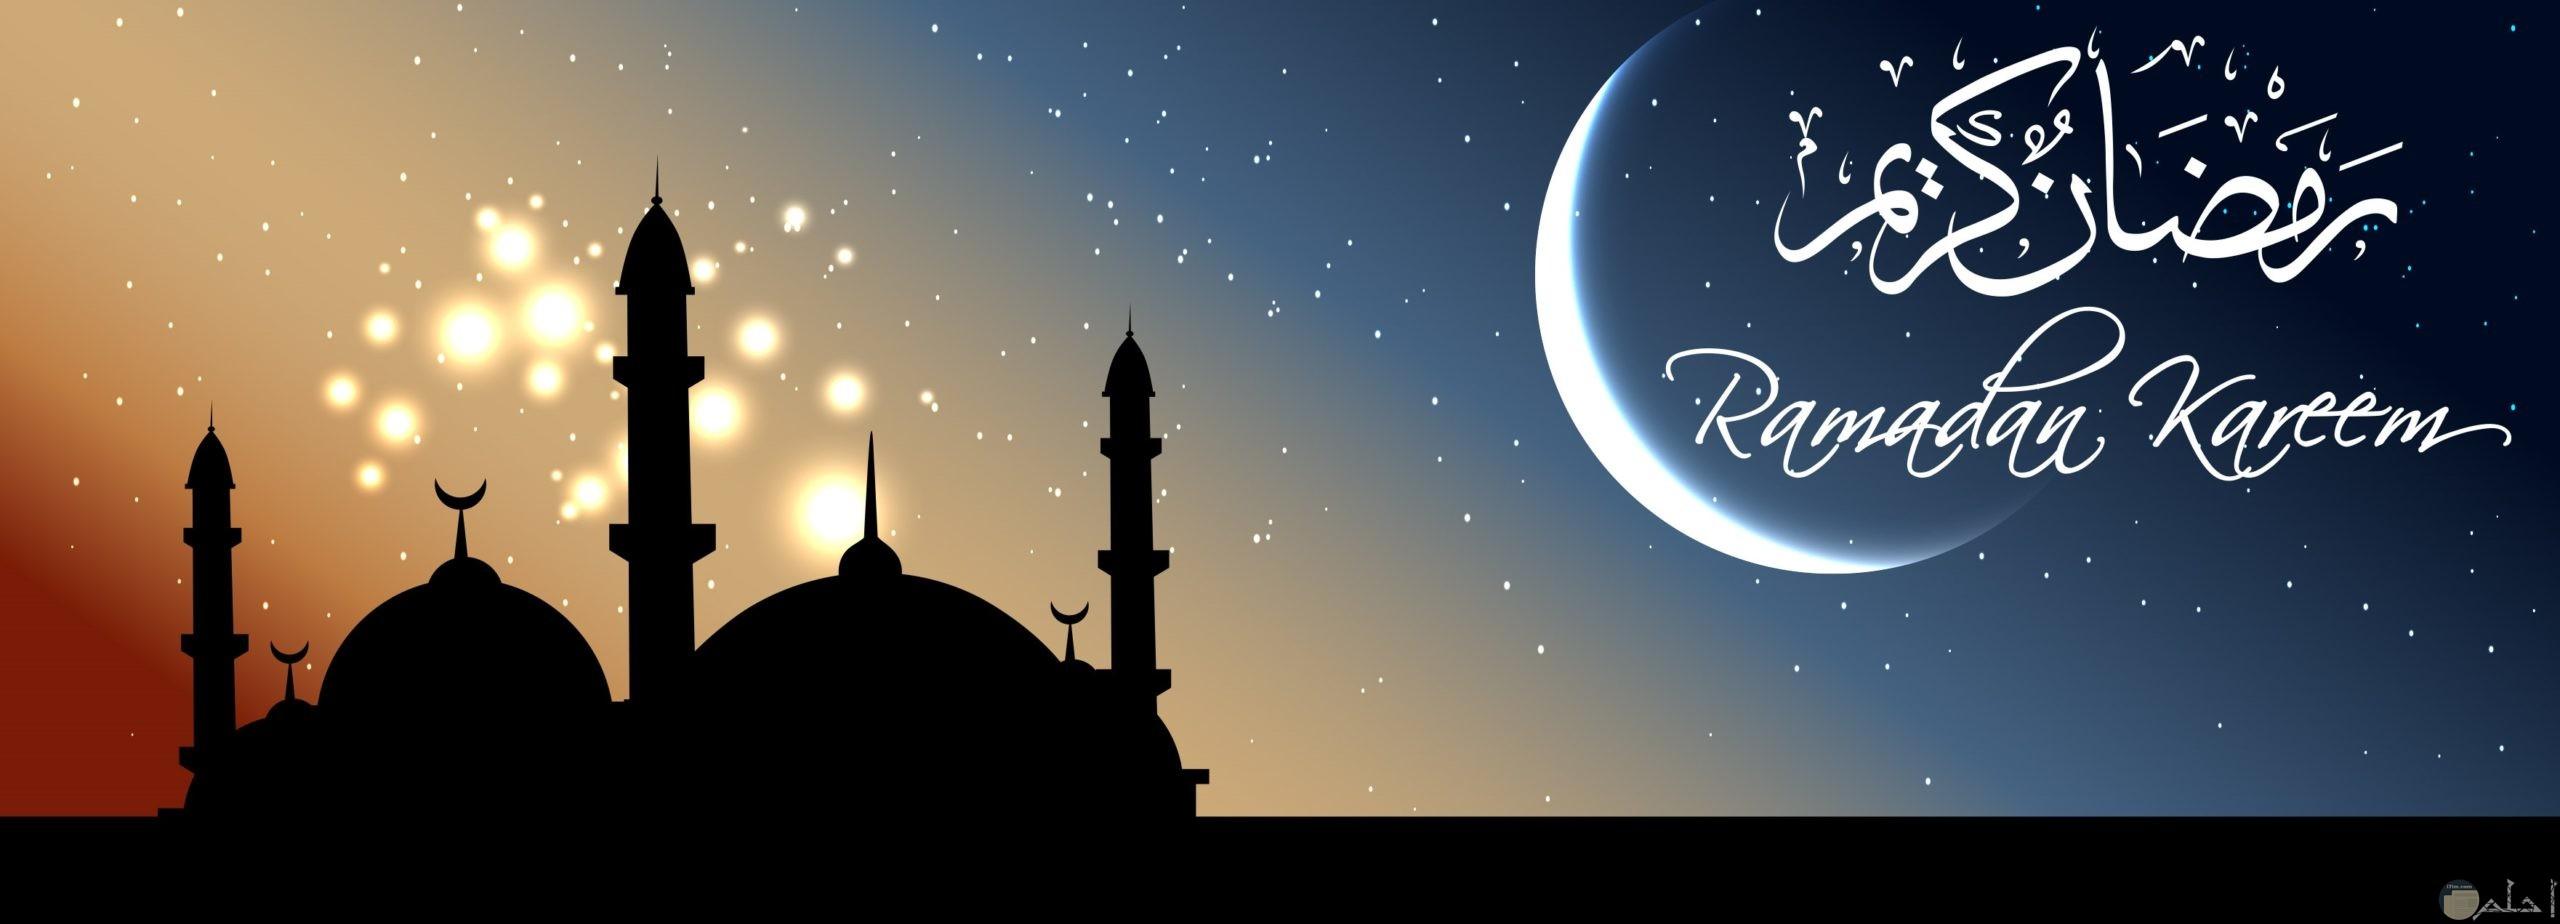 شهر رمضان و أجمل الخلفيات.